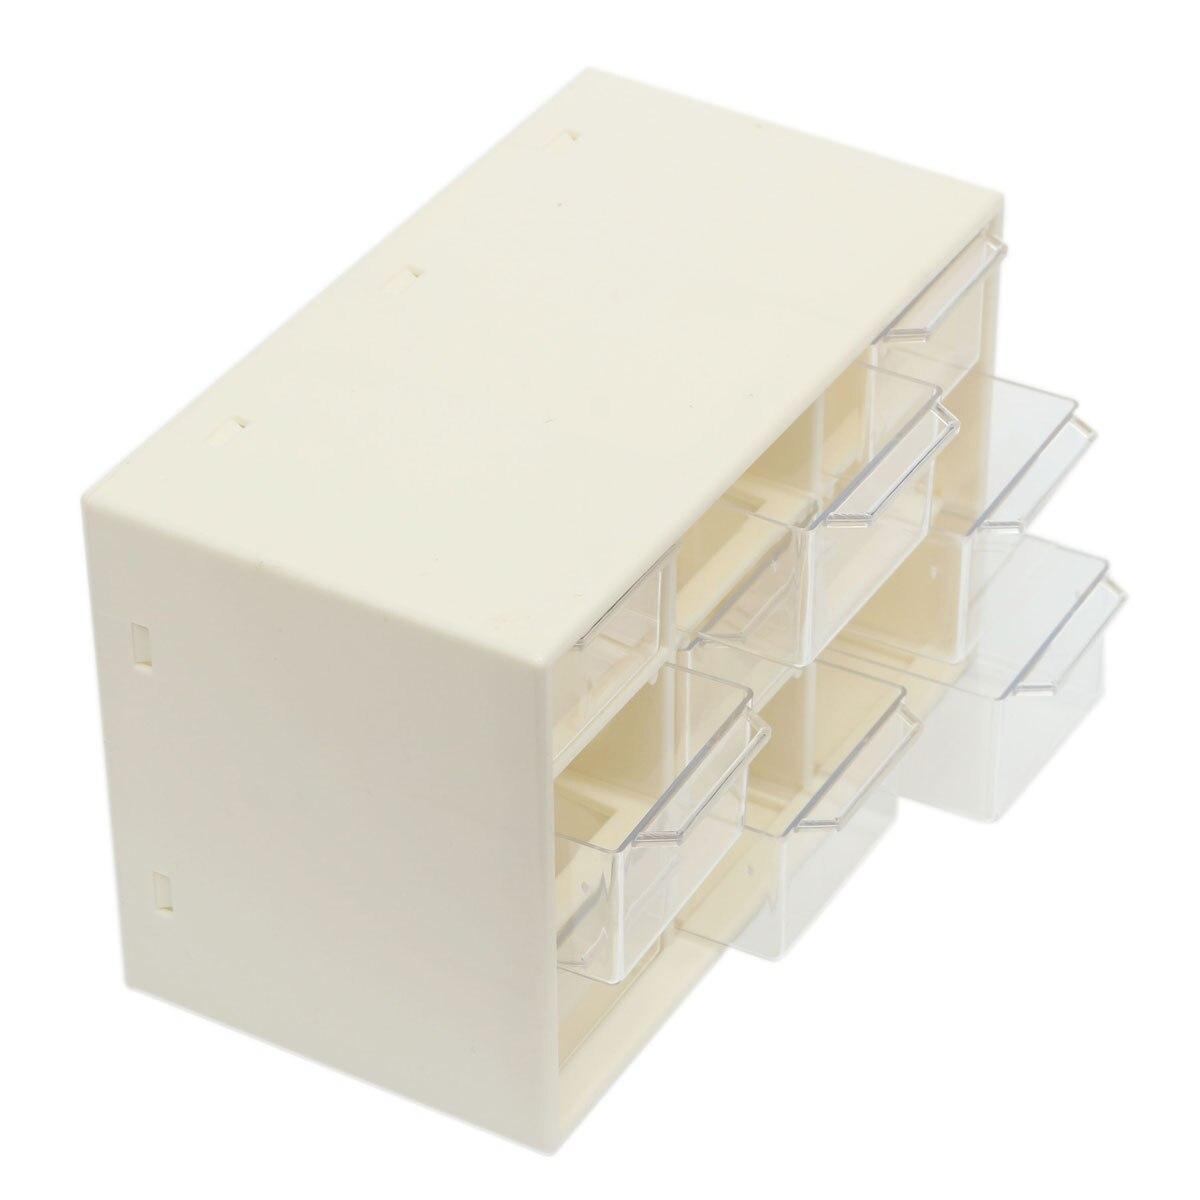 Пластиковая 9 решетчатая портативная мини-коробка для хранения ювелирных изделий Шкафы для мусора решетки Портативный Amall сортировочный выдвижной ящик сетка Настольные принадлежности